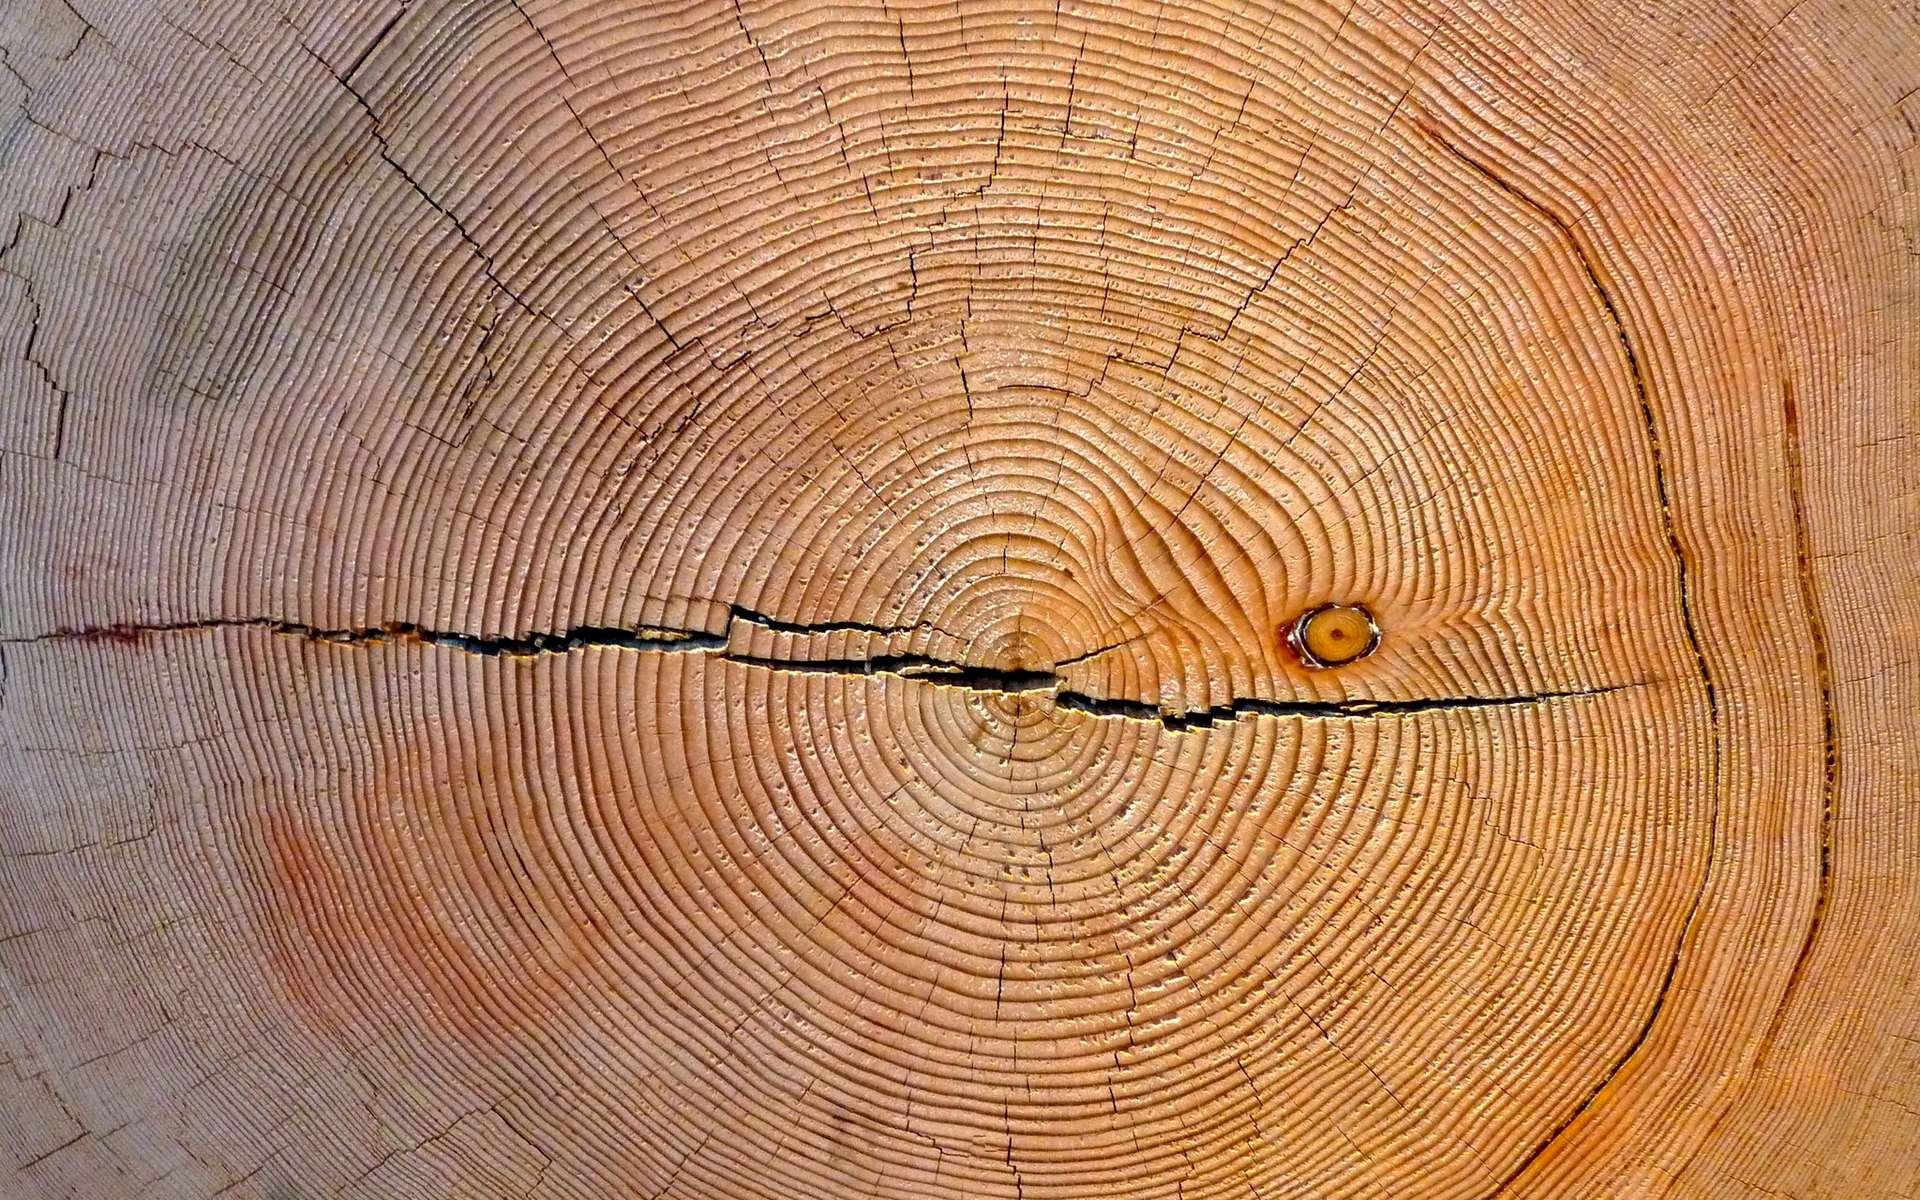 La dendrochronologie évalue l'âge de l'arbre en fonction de la largeur des cernes du bois. © Art Poskanzer, Flickr